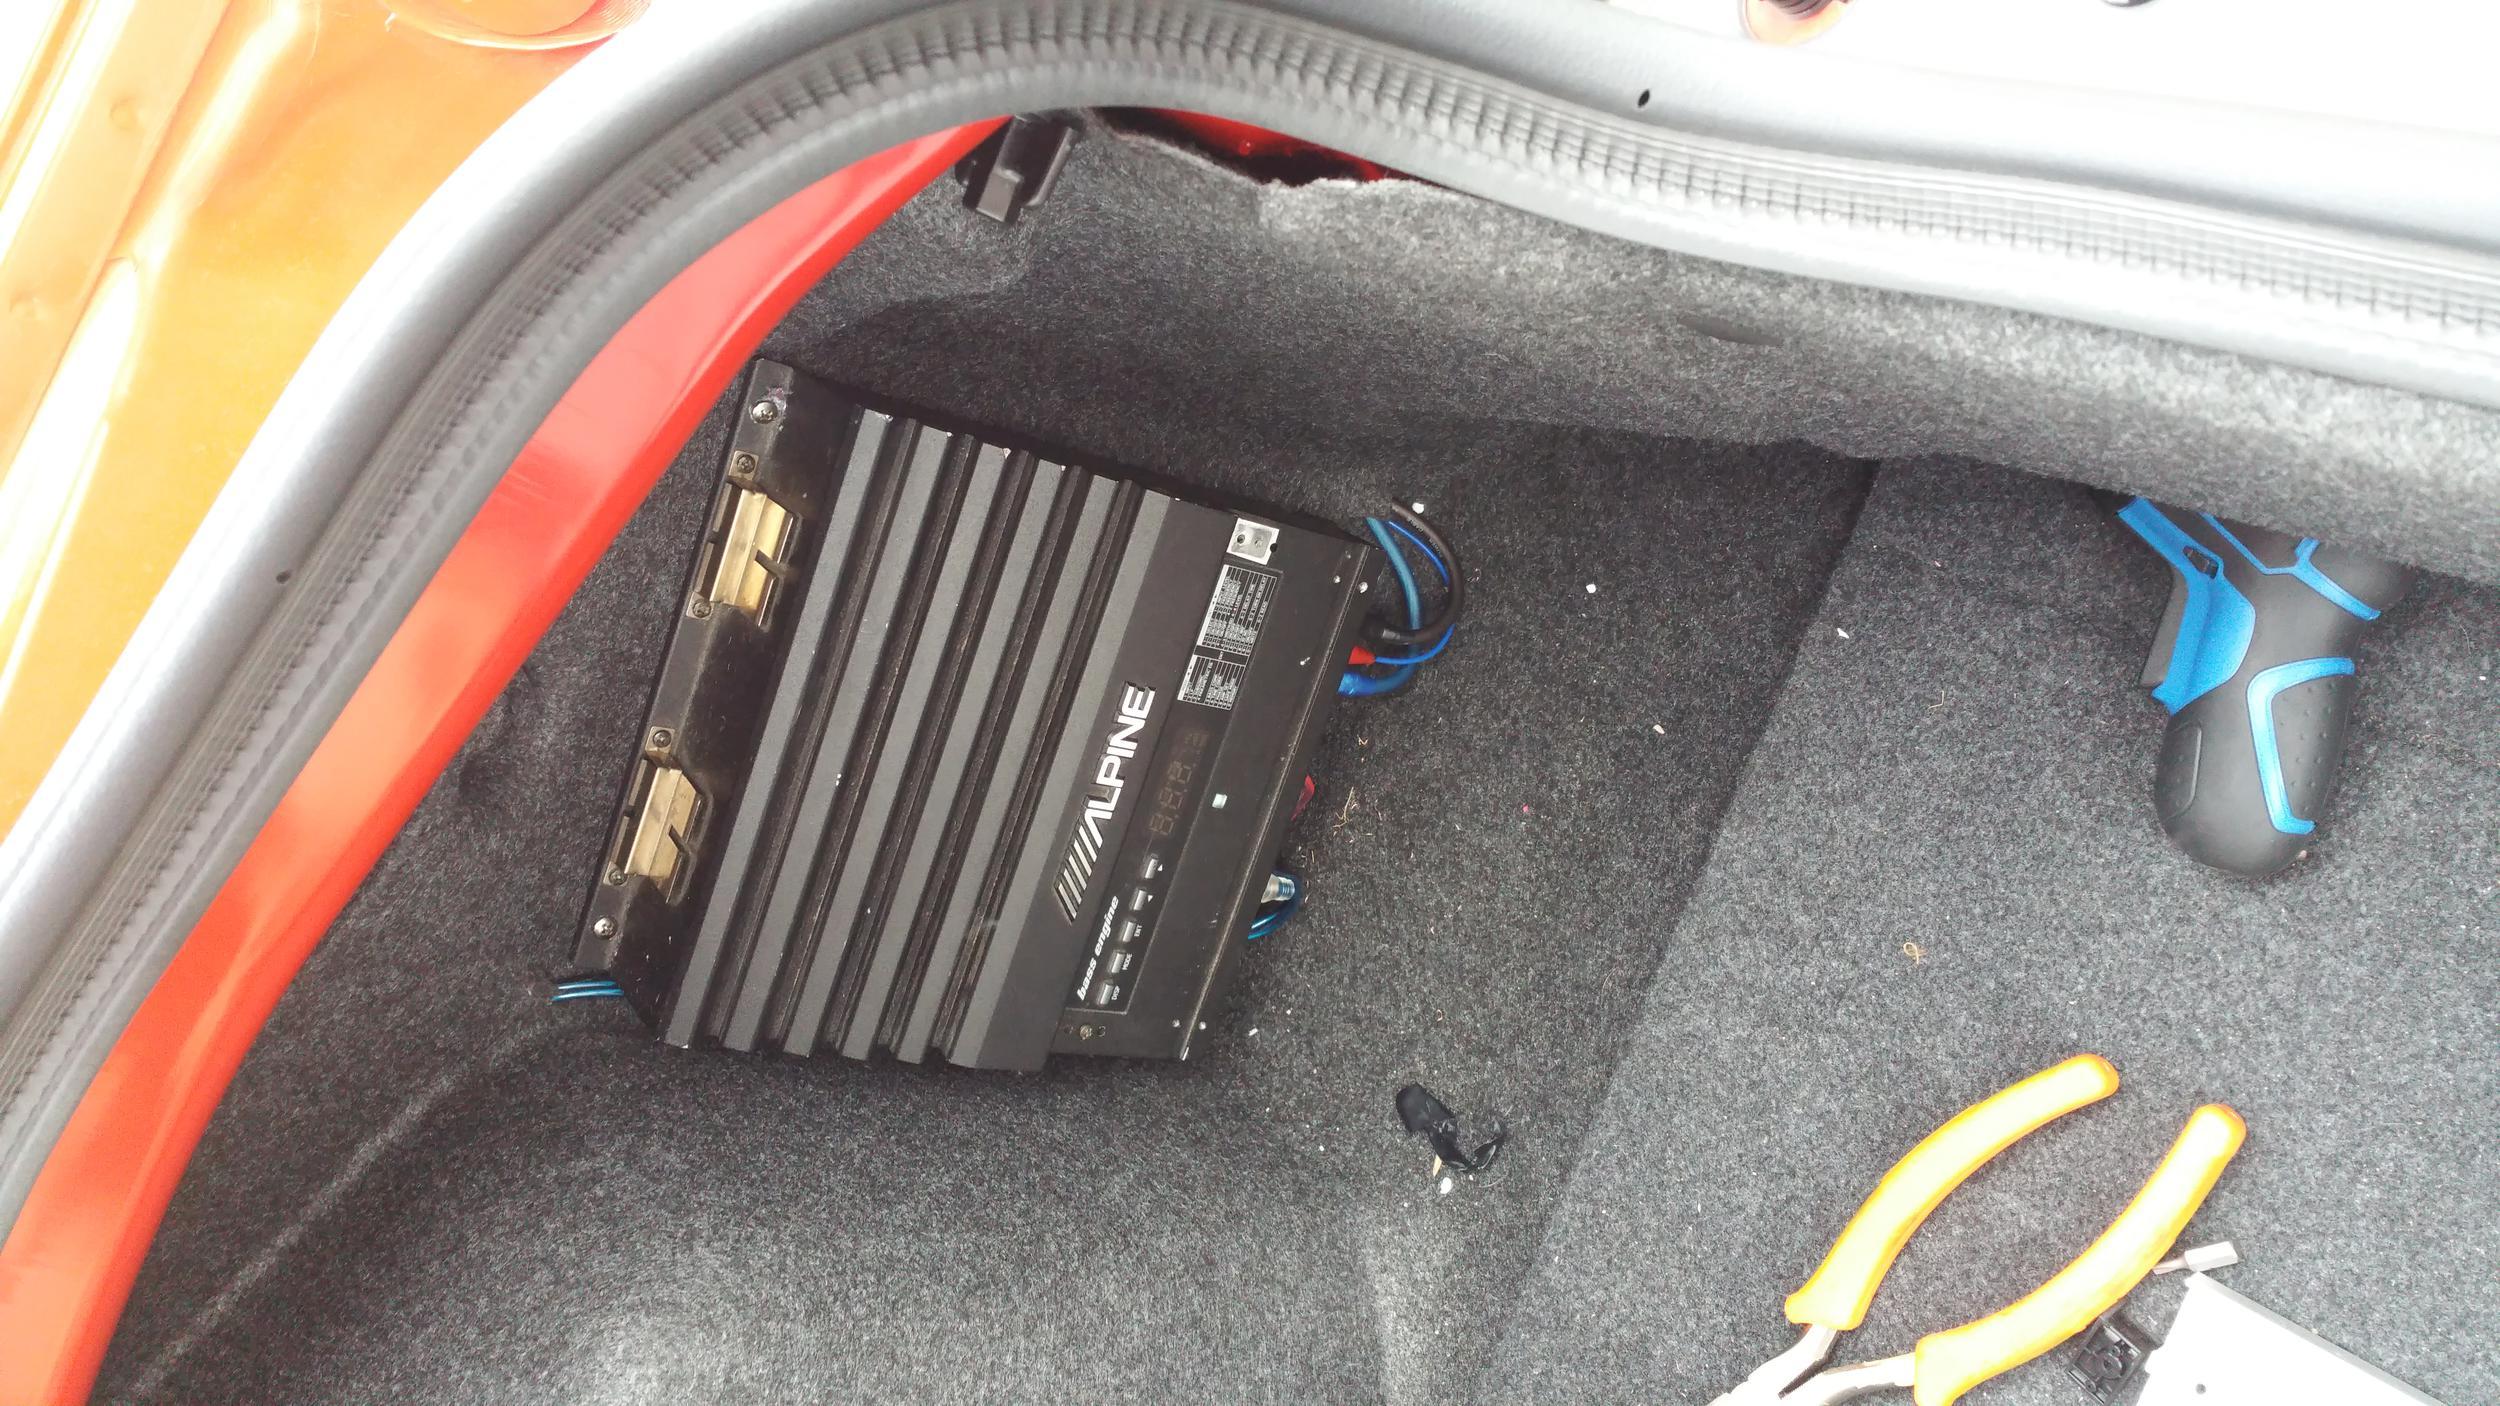 Subwoofer Wiring Diagram For Dodge Challenger